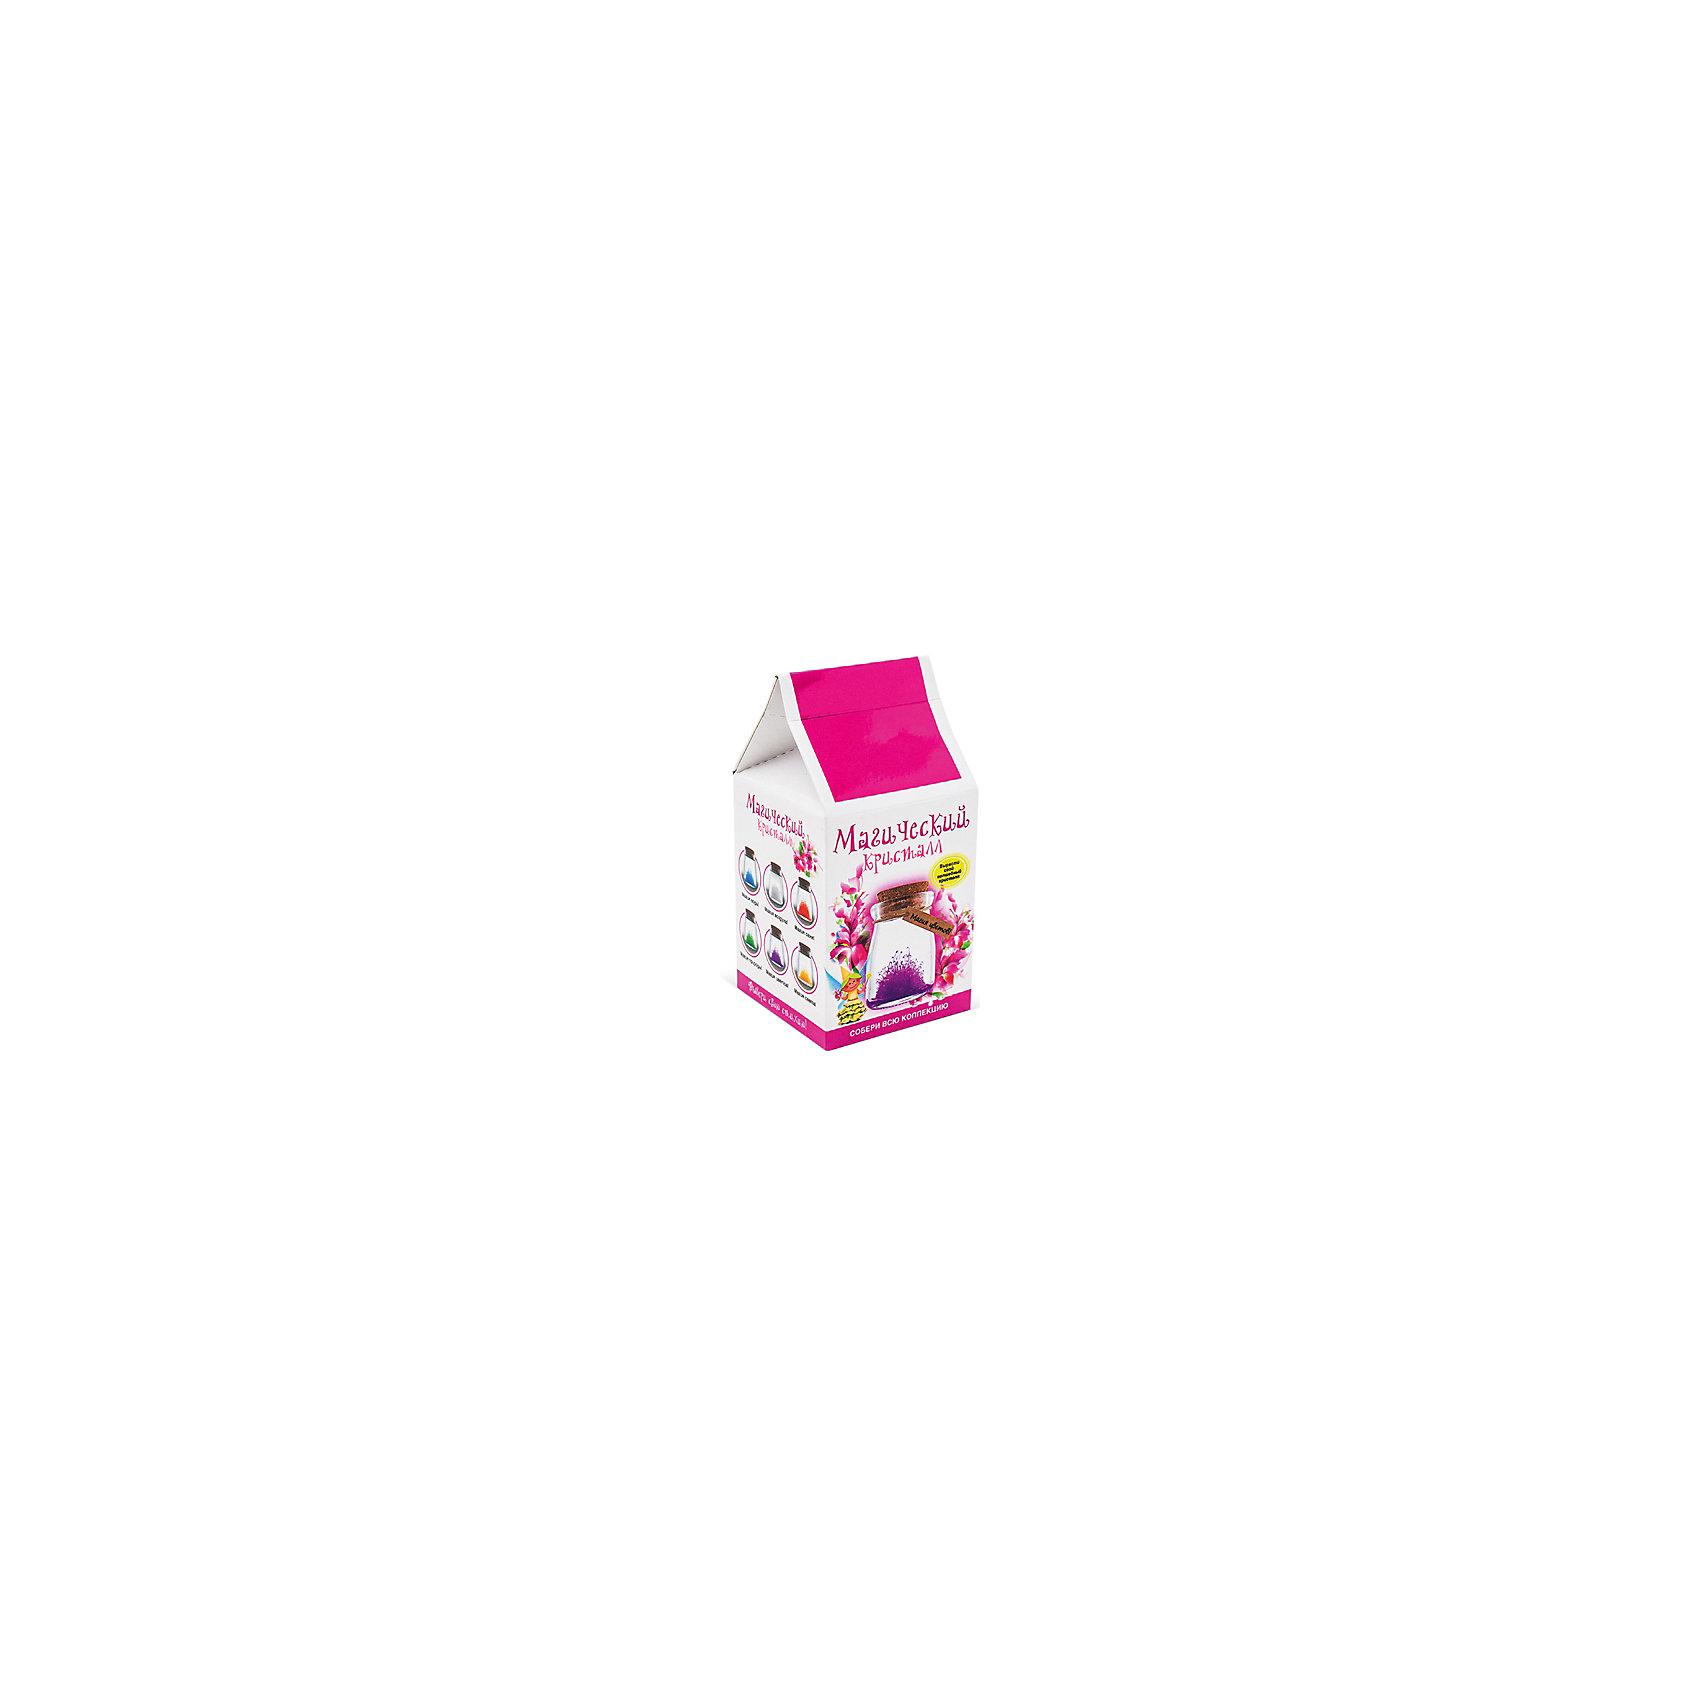 Набор для выращивания кристаллов Магический кристалл. Магия цветов БумбарамВыращивание кристаллов<br>Магический кристалл Магия цветов, Бумбарам. <br><br>Характеристики:<br><br>• красивый цвет кристалла соответствует цвету стихии<br>• прост в использовании<br>• пошаговая инструкция<br>• безопасные материалы<br>• привлекательная упаковка <br>• можно следить за процессом<br>• в наборе: баночка, кристаллический порошок, кристаллическая таблетка, палочка, веревочка, пробка, карточка, инструкция<br>• размер упаковки: 15х8 см<br>• вес: 250 грамм<br>• цвет: синий<br><br>Если ваш ребенок любит волшебные эксперименты, то он обязательно должен познакомиться с набором Магический кристалл Магия цветов. С его помощью можно вырастить красивый кристалл в домашних условиях. Процесс создания кристалла очень прост, а материалы полностью безопасны. Выращивание кристалла происходит в прозрачной баночке, благодаря чему вы все время сможете наблюдать за ростом кристалликов. В результате такого творчества у ребенка получится прекрасная композиция, соответствующая тематике. Кристалл очень красиво смотрится в баночке, благодаря чему станет отличным подарком или украшением для комнаты.<br><br>Магический кристалл Магия цветов, Бумбарам вы можете купить в нашем интернет-магазине.<br><br>Ширина мм: 75<br>Глубина мм: 75<br>Высота мм: 150<br>Вес г: 250<br>Возраст от месяцев: 168<br>Возраст до месяцев: 240<br>Пол: Унисекс<br>Возраст: Детский<br>SKU: 5053948